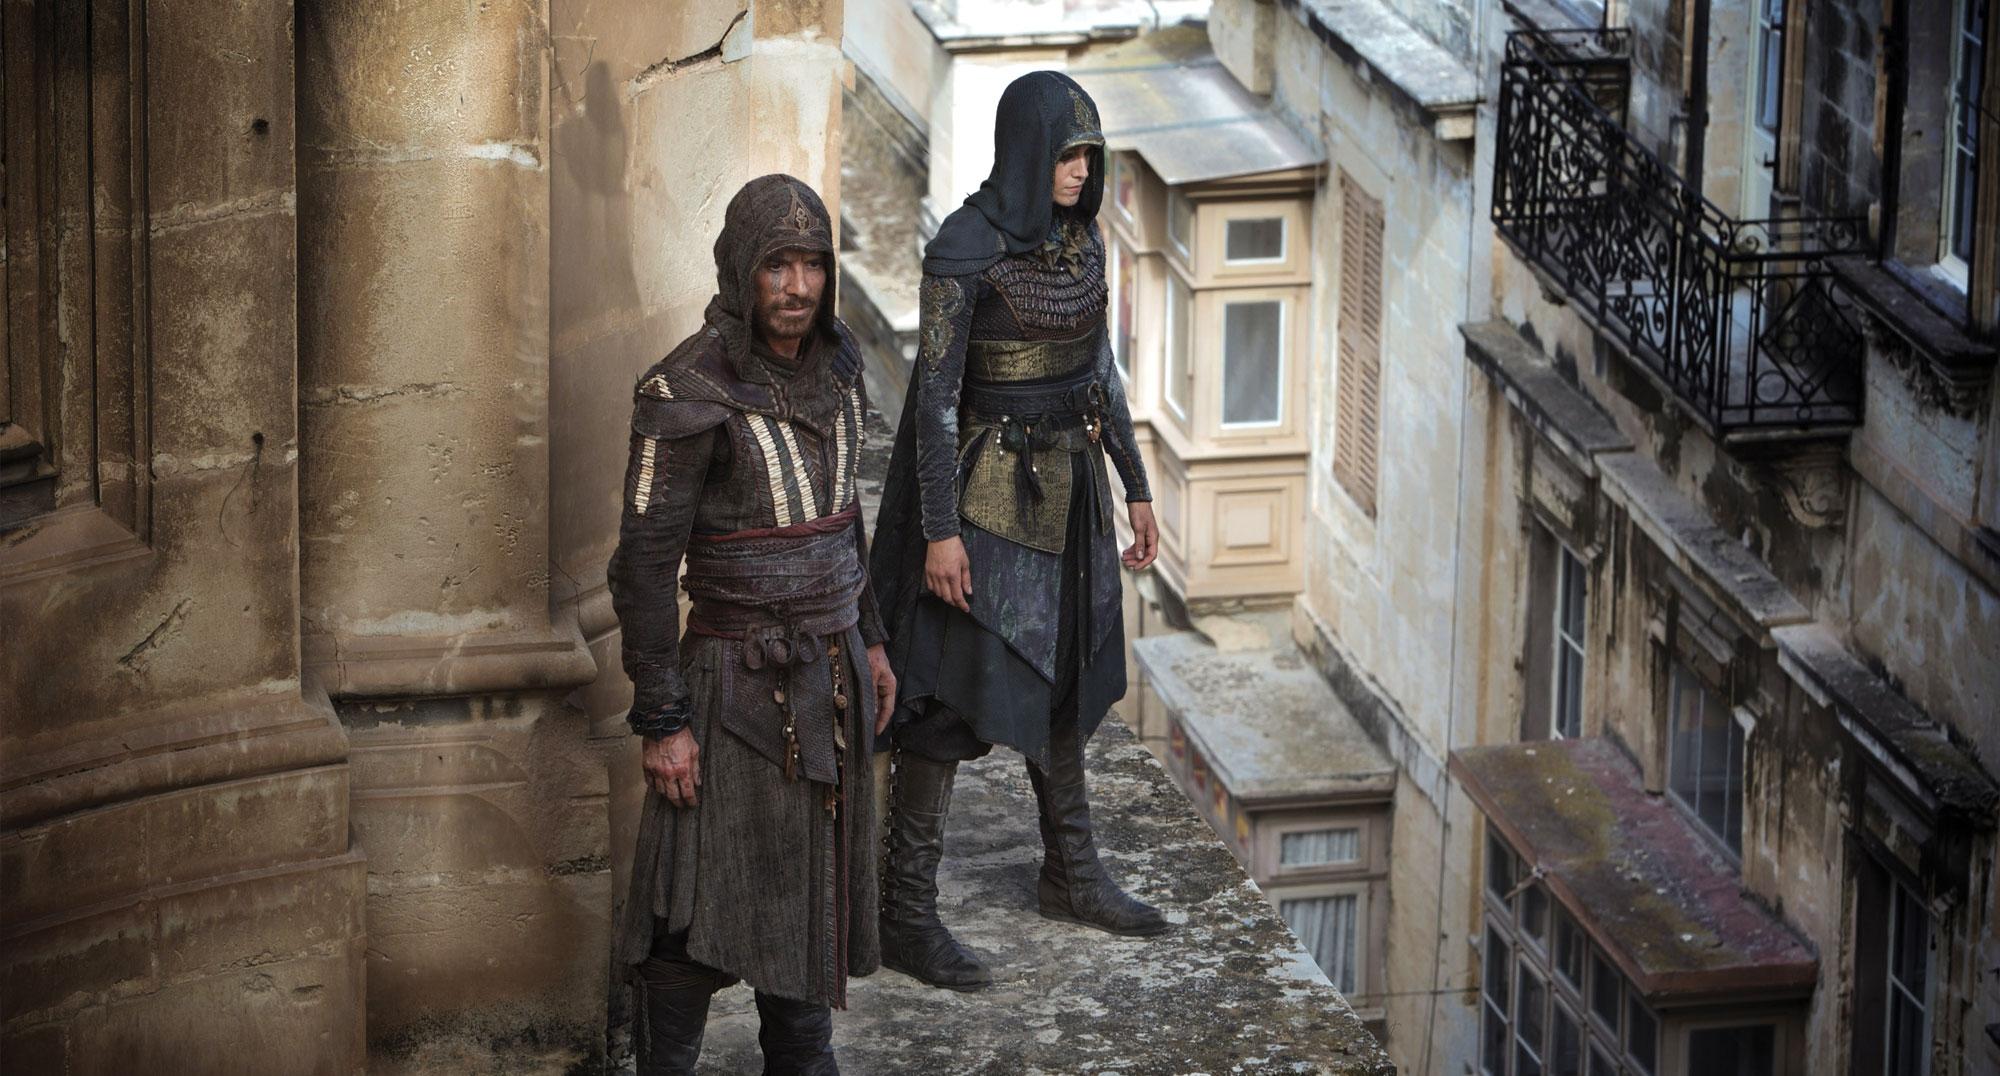 Filmový Assassin's Creed bude z velké části v současnosti 123922